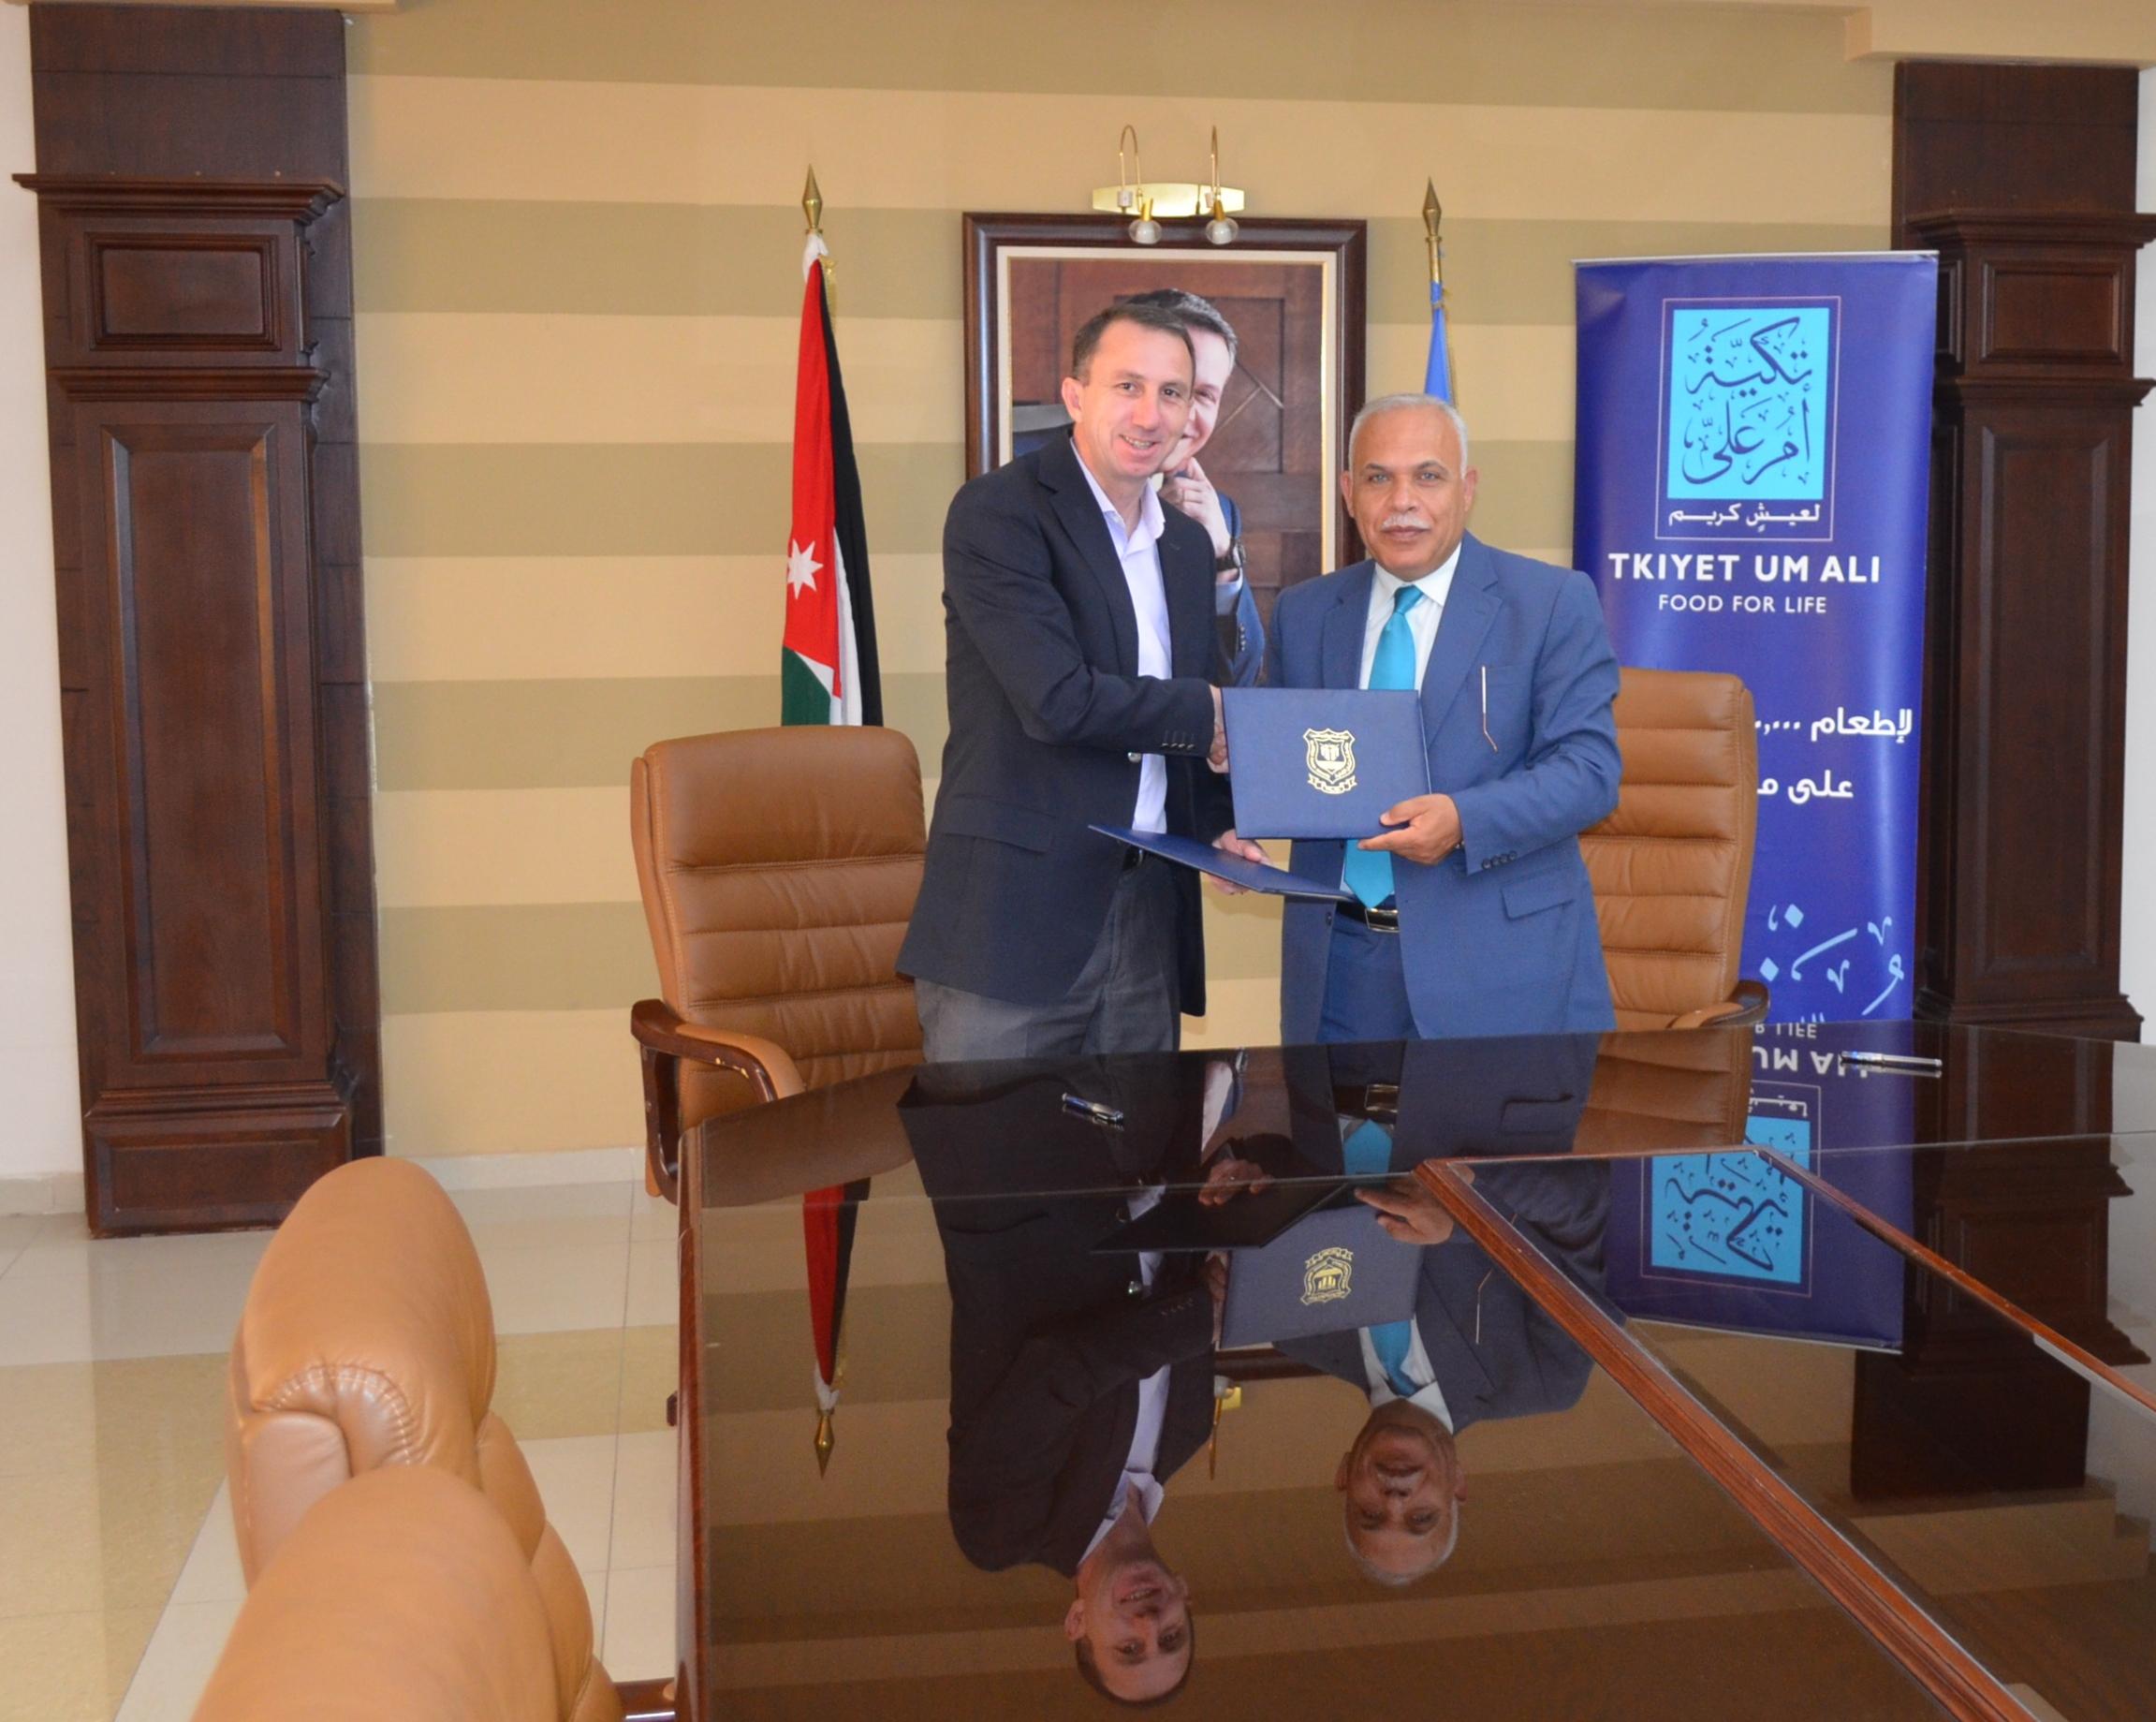 اتفاقية شراكة وتعاون بين جامعة عمان الأهلية وتكية أم علي